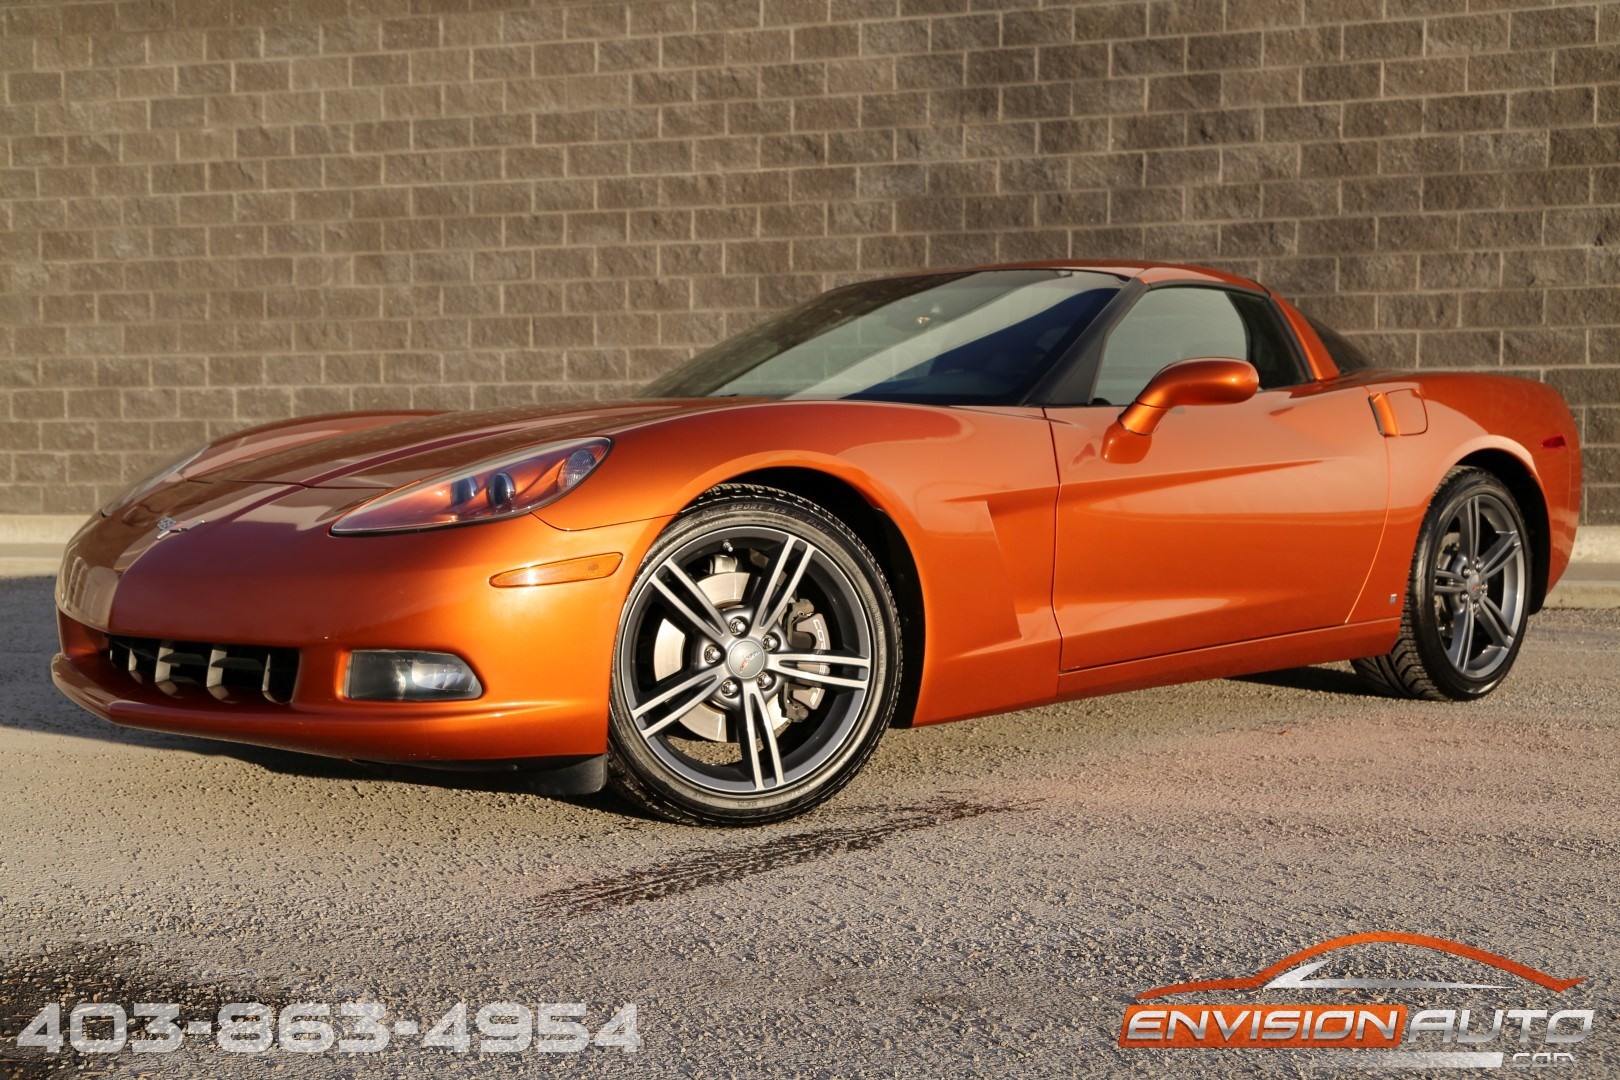 2008 chevrolet corvette coupe 3lt automatic envision auto. Black Bedroom Furniture Sets. Home Design Ideas